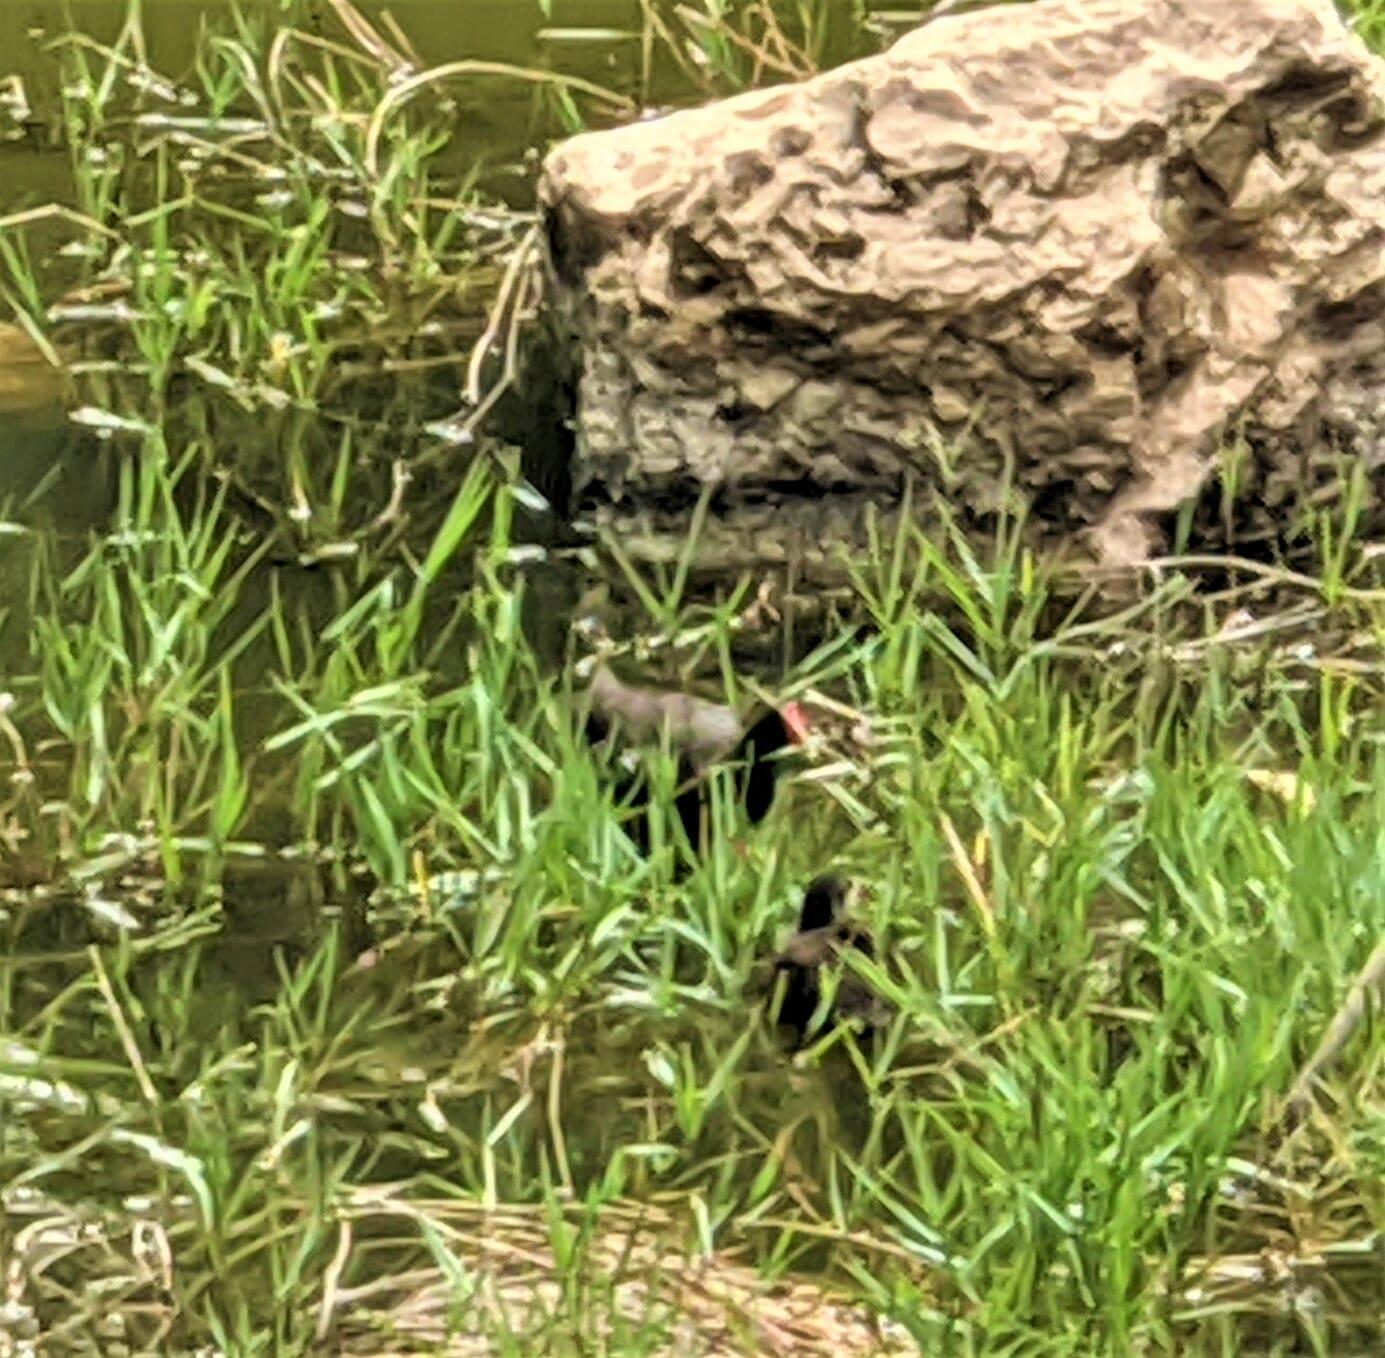 """סופית מצויה, עוף מים ממשפחת הרליתיים מסדרת העגוראים, צילום: ד""""ר ענת אביטל"""